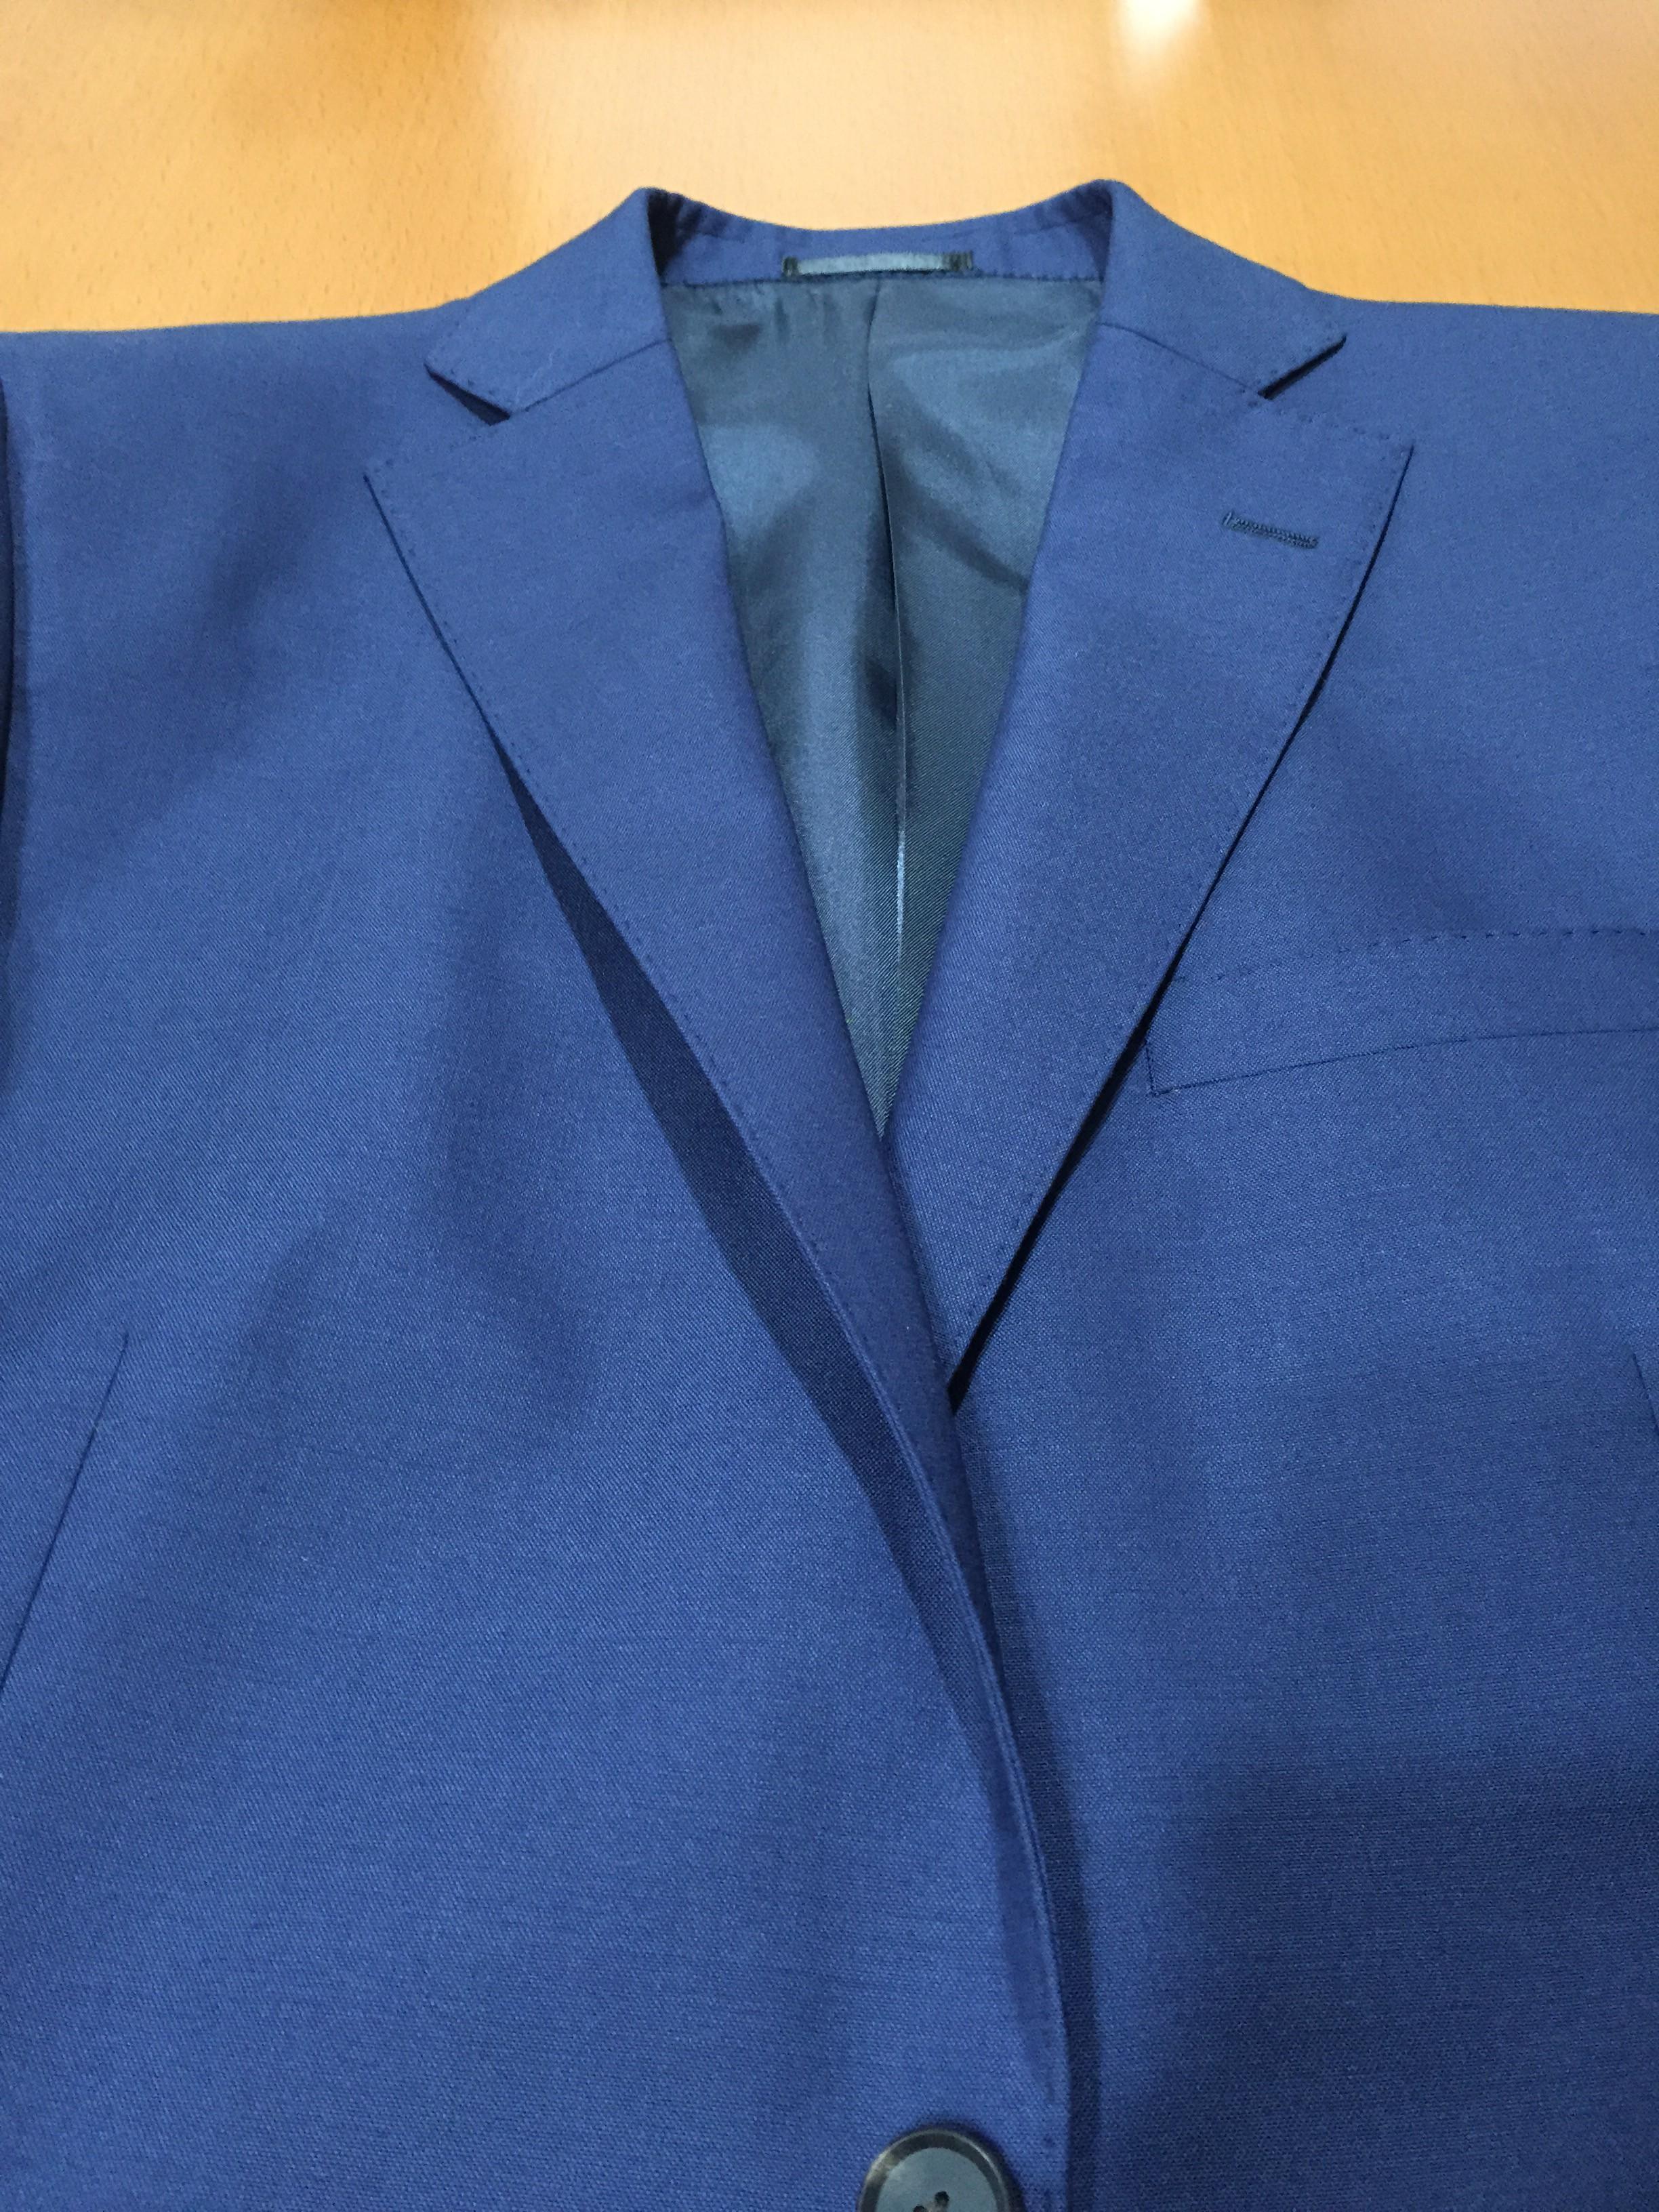 スーツのパーツを覚えておきましょう ステッチと本切羽